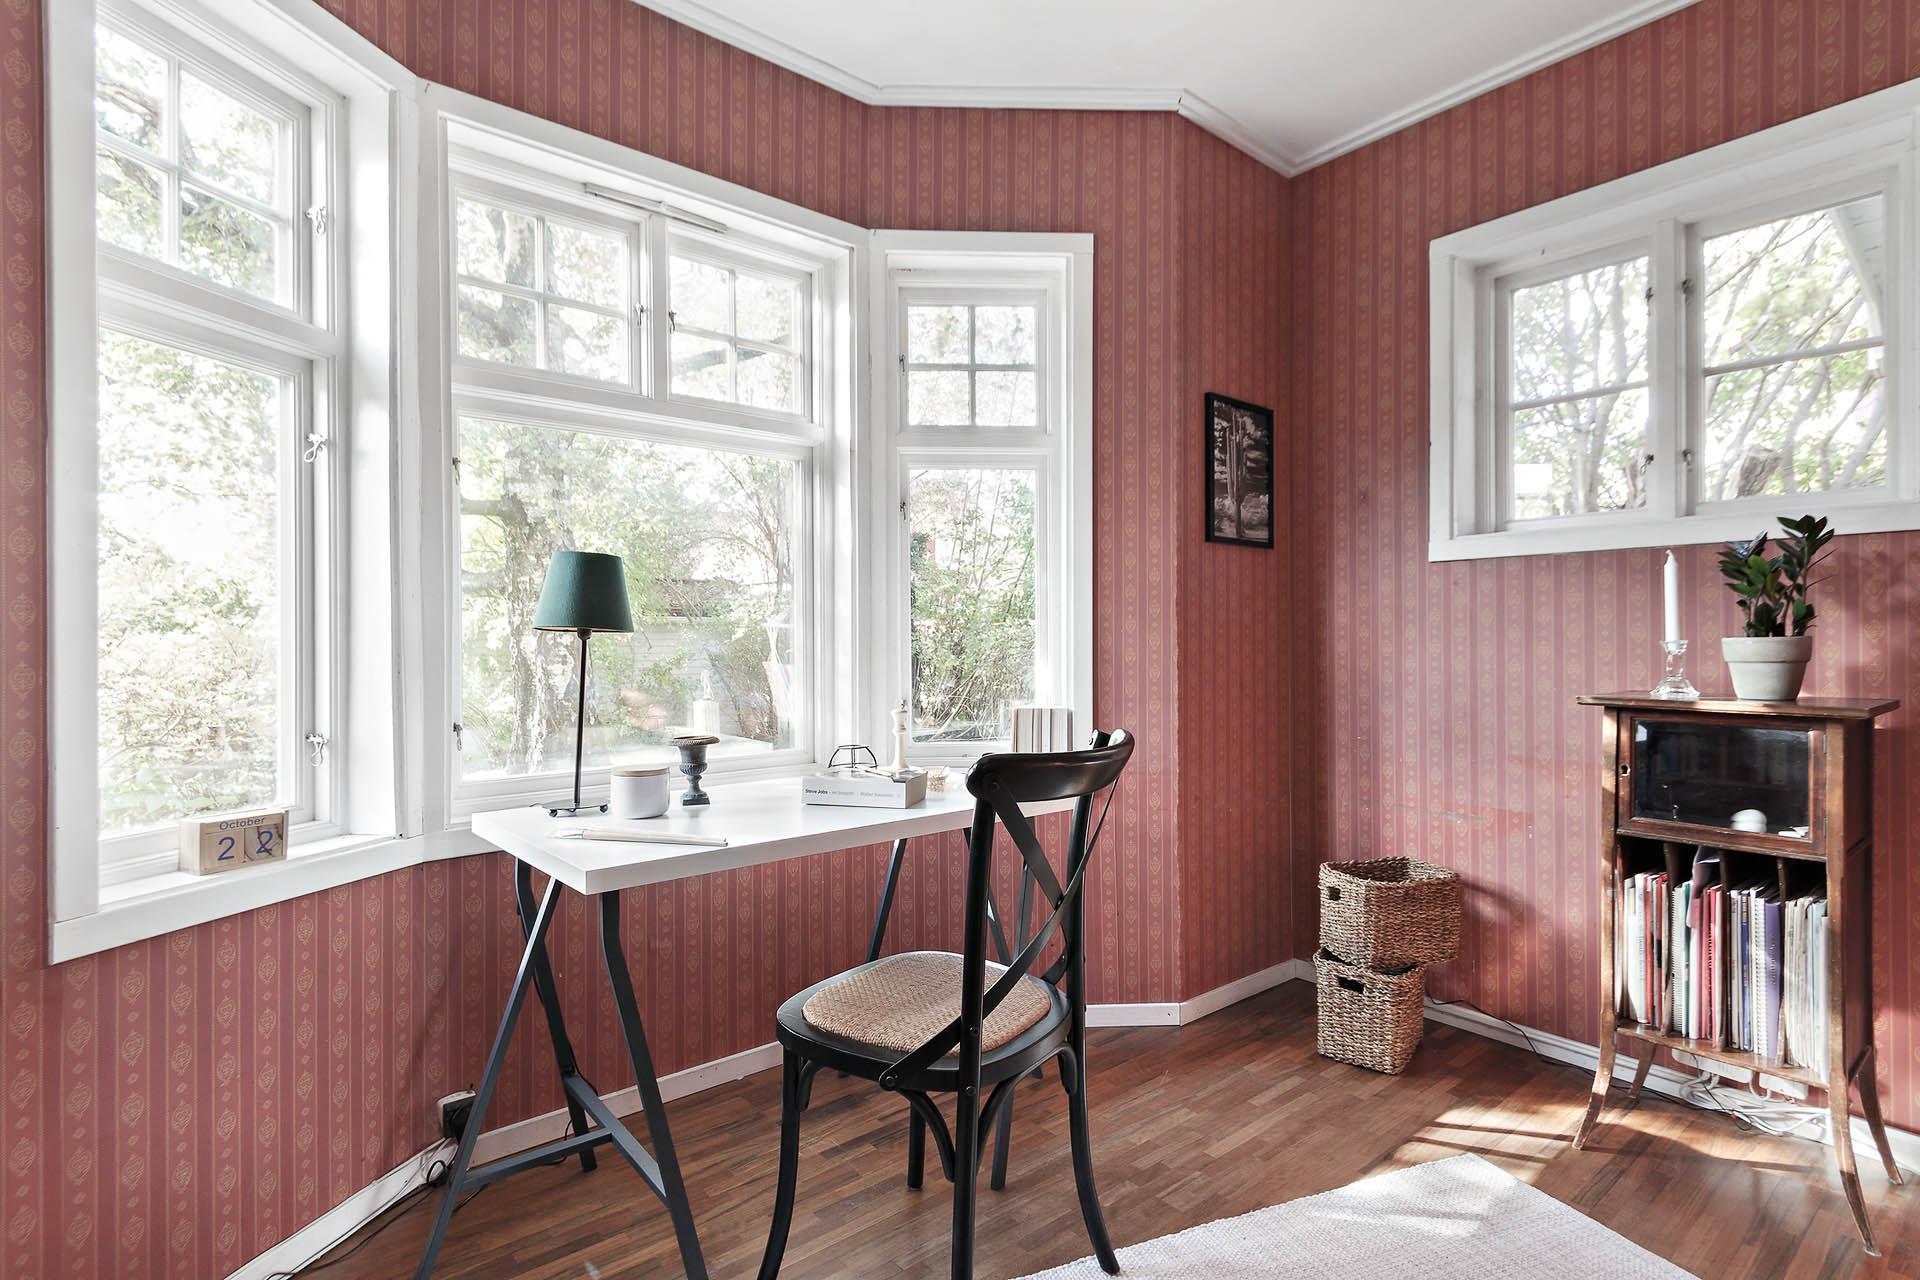 Skrivstuga eller gästrum, oavsett vilket är detta ett vackert rum med fina fönster.